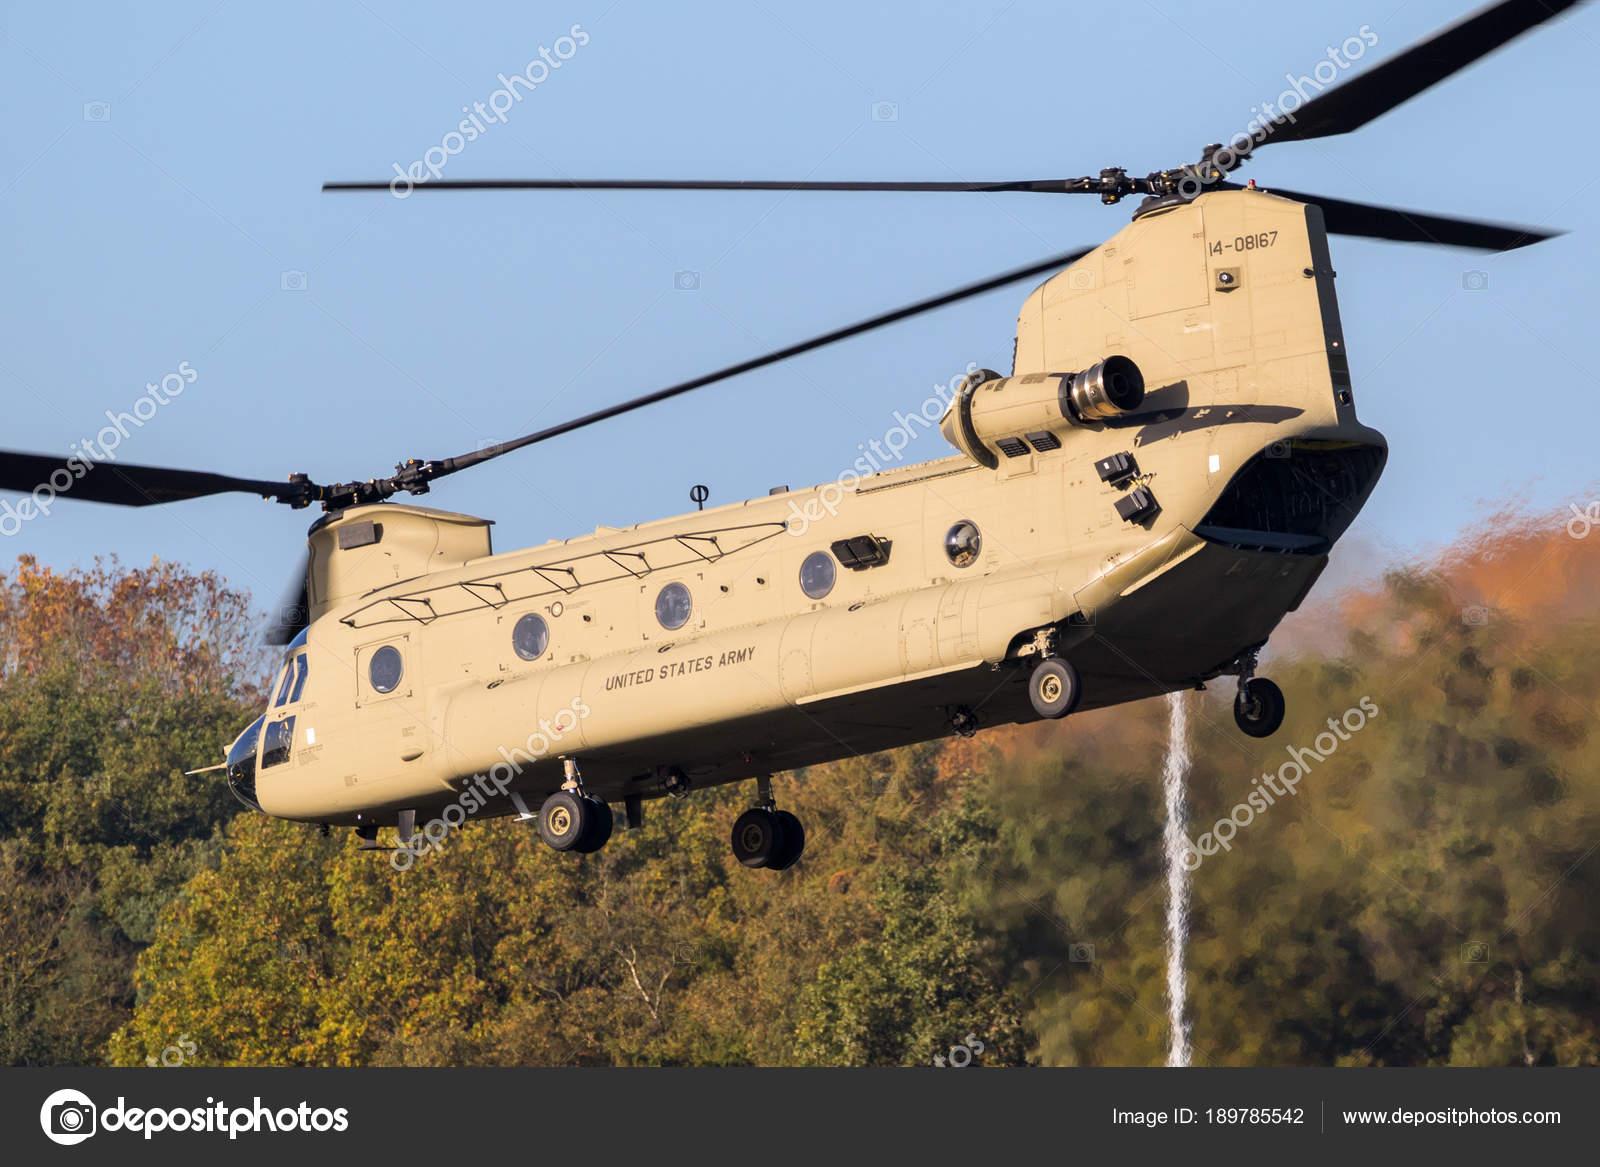 Elicottero Ch : Elicottero da trasporto boeing ch chinook u foto editoriale